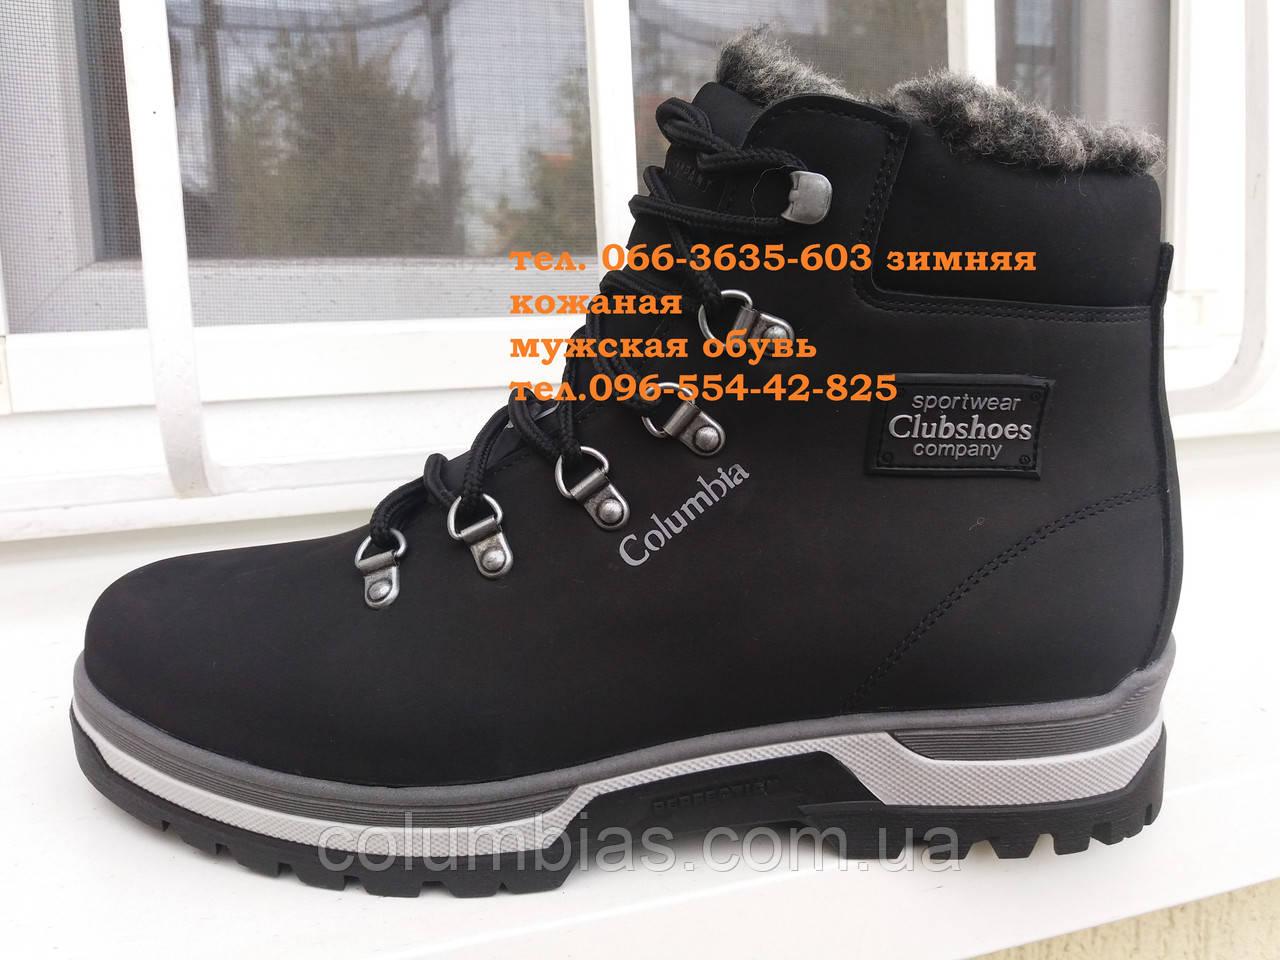 Зимние кожаные мужские ботинки Calumbia tank